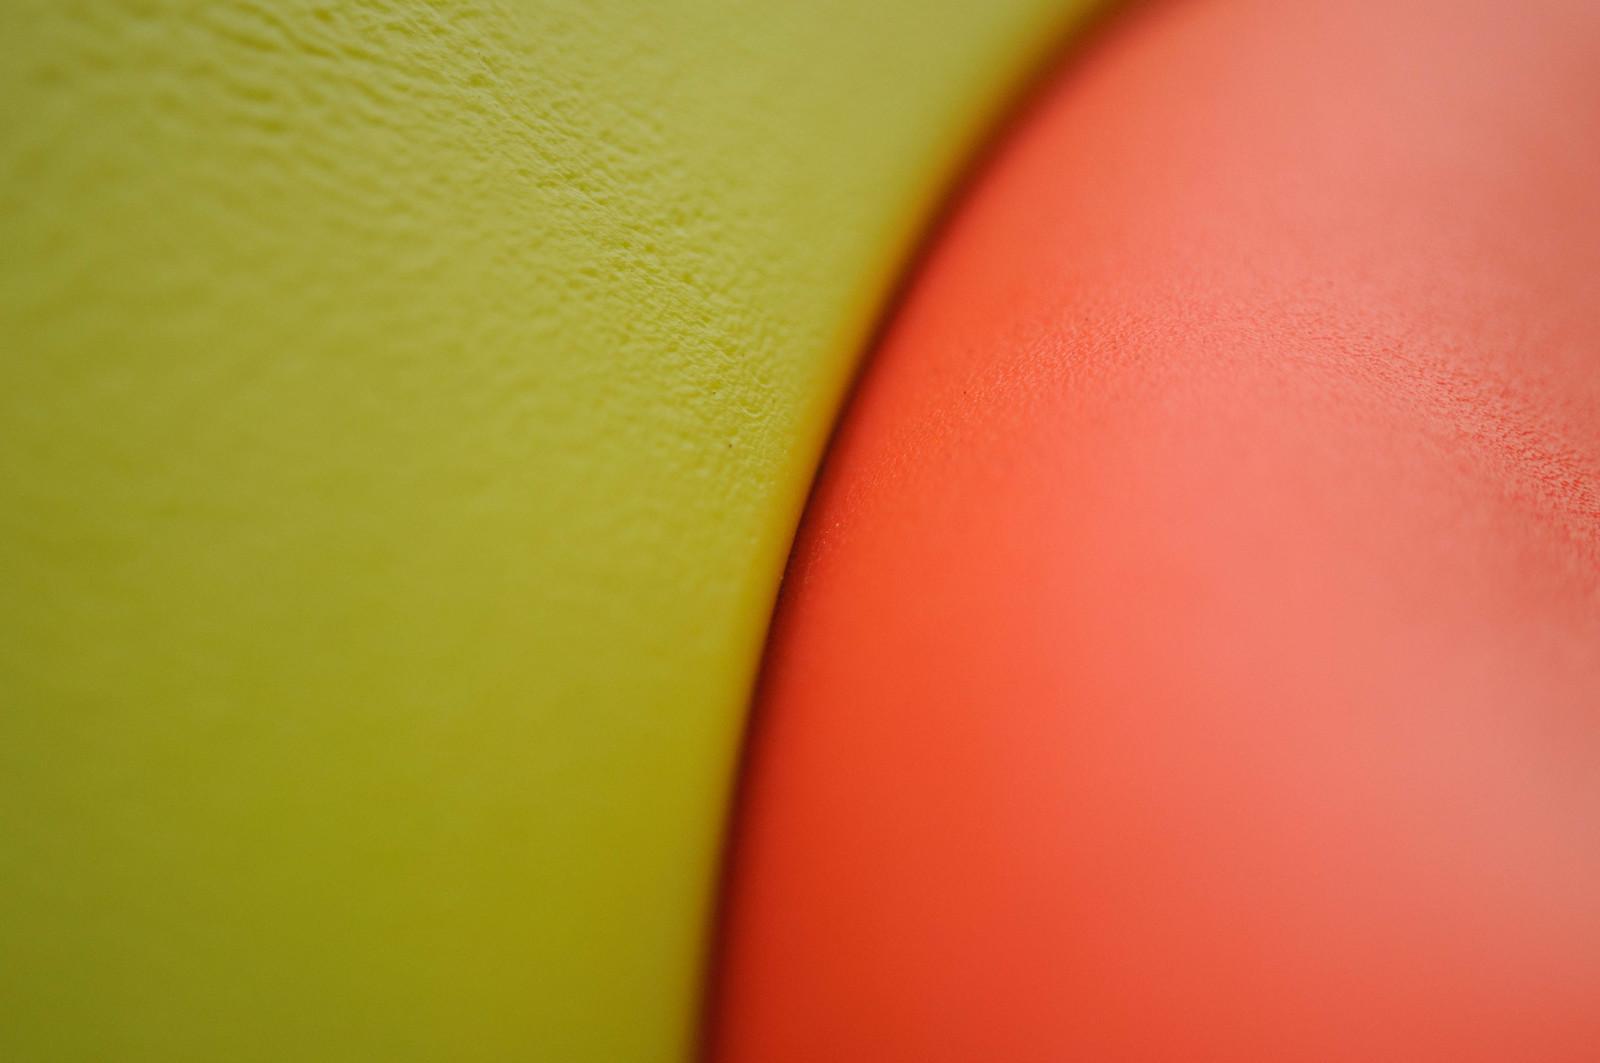 Abstract - Abstrait, Nikon D5000, AF-S DX VR Zoom-Nikkor 18-55mm f/3.5-5.6G